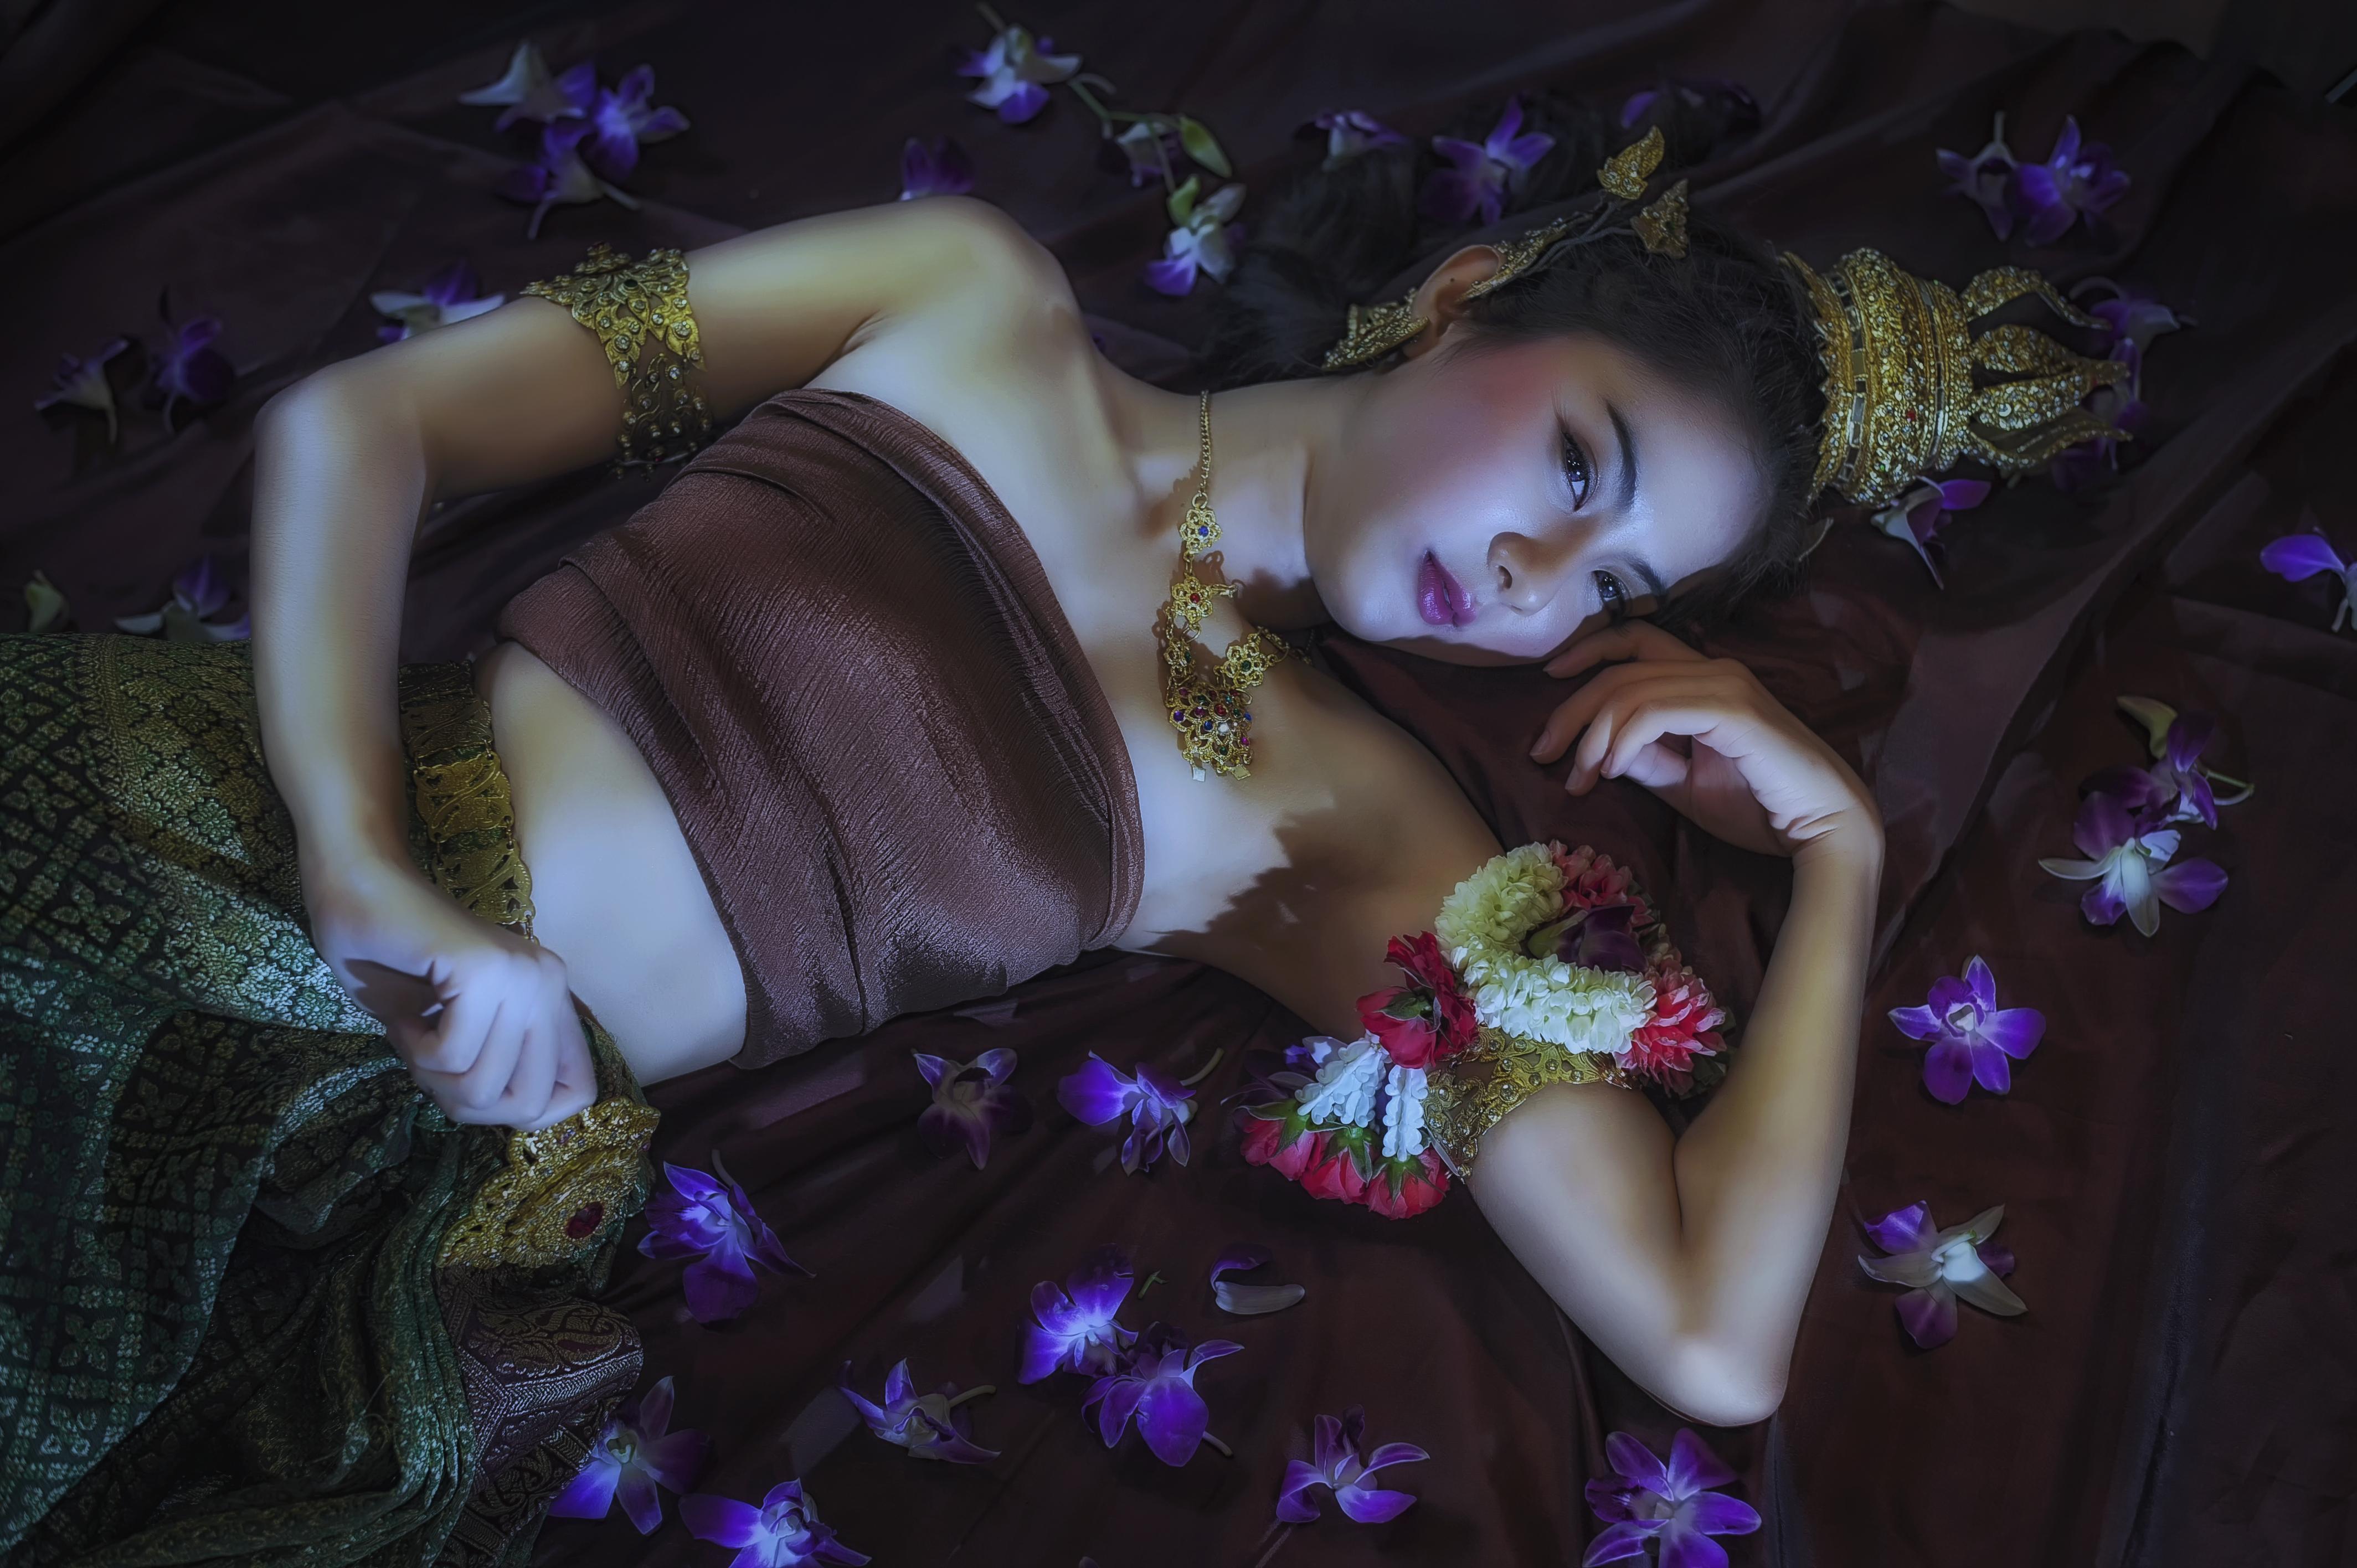 woman-beautiful-asian-bride-thai-mel-b-body-nude